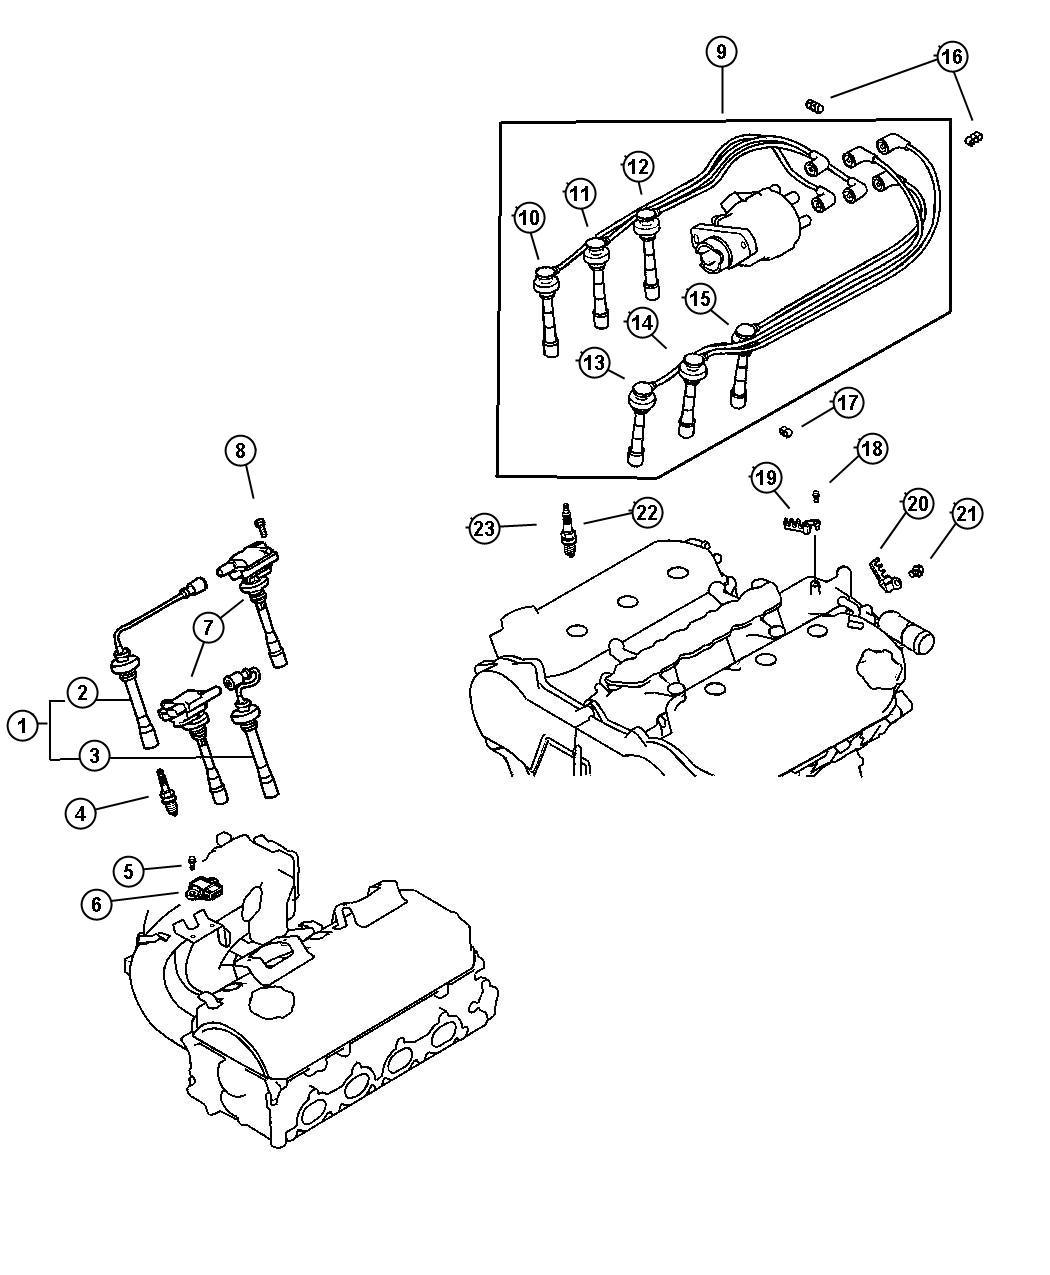 Chrysler Sebring Cable. Ignition. [#3], number 3